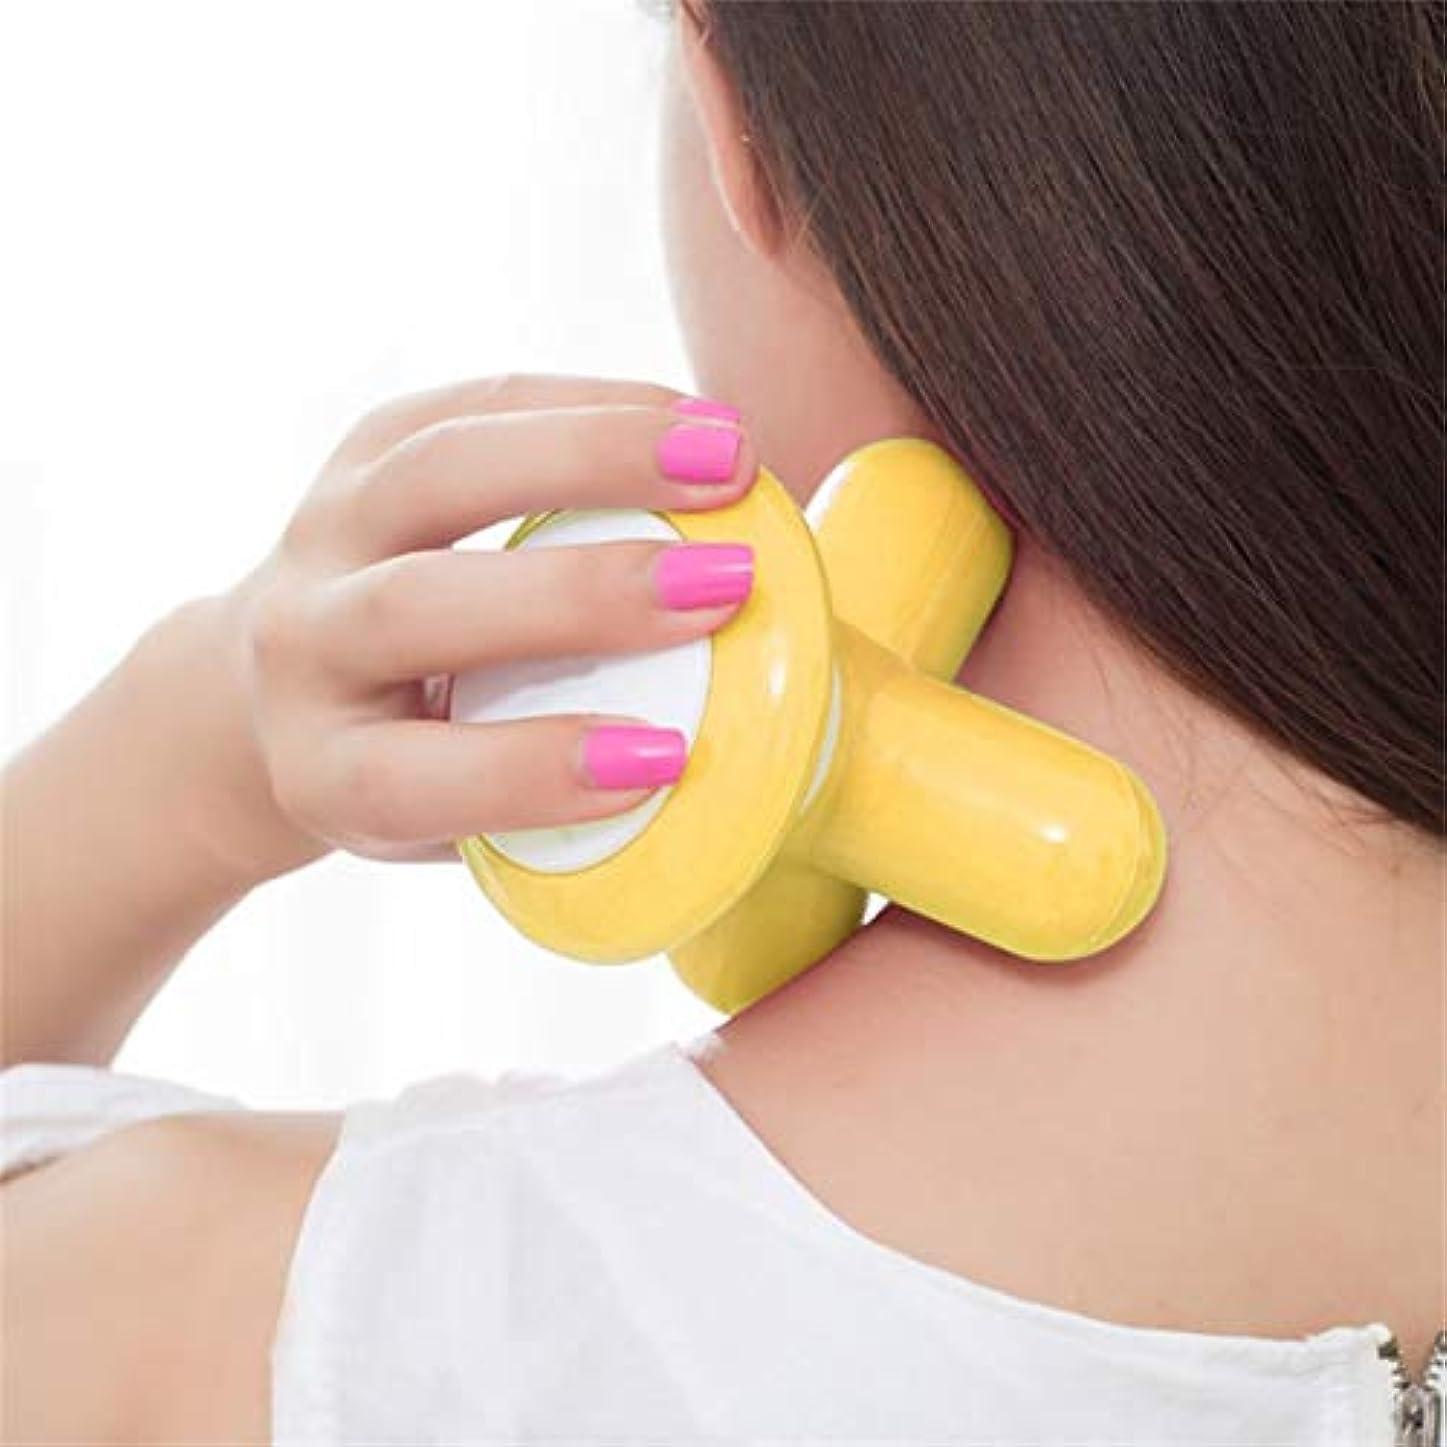 爆発小麦粉ビバMini Electric Handled Wave Vibrating Massager USB Battery Full Body Massage Ultra-compact Lightweight Convenient...